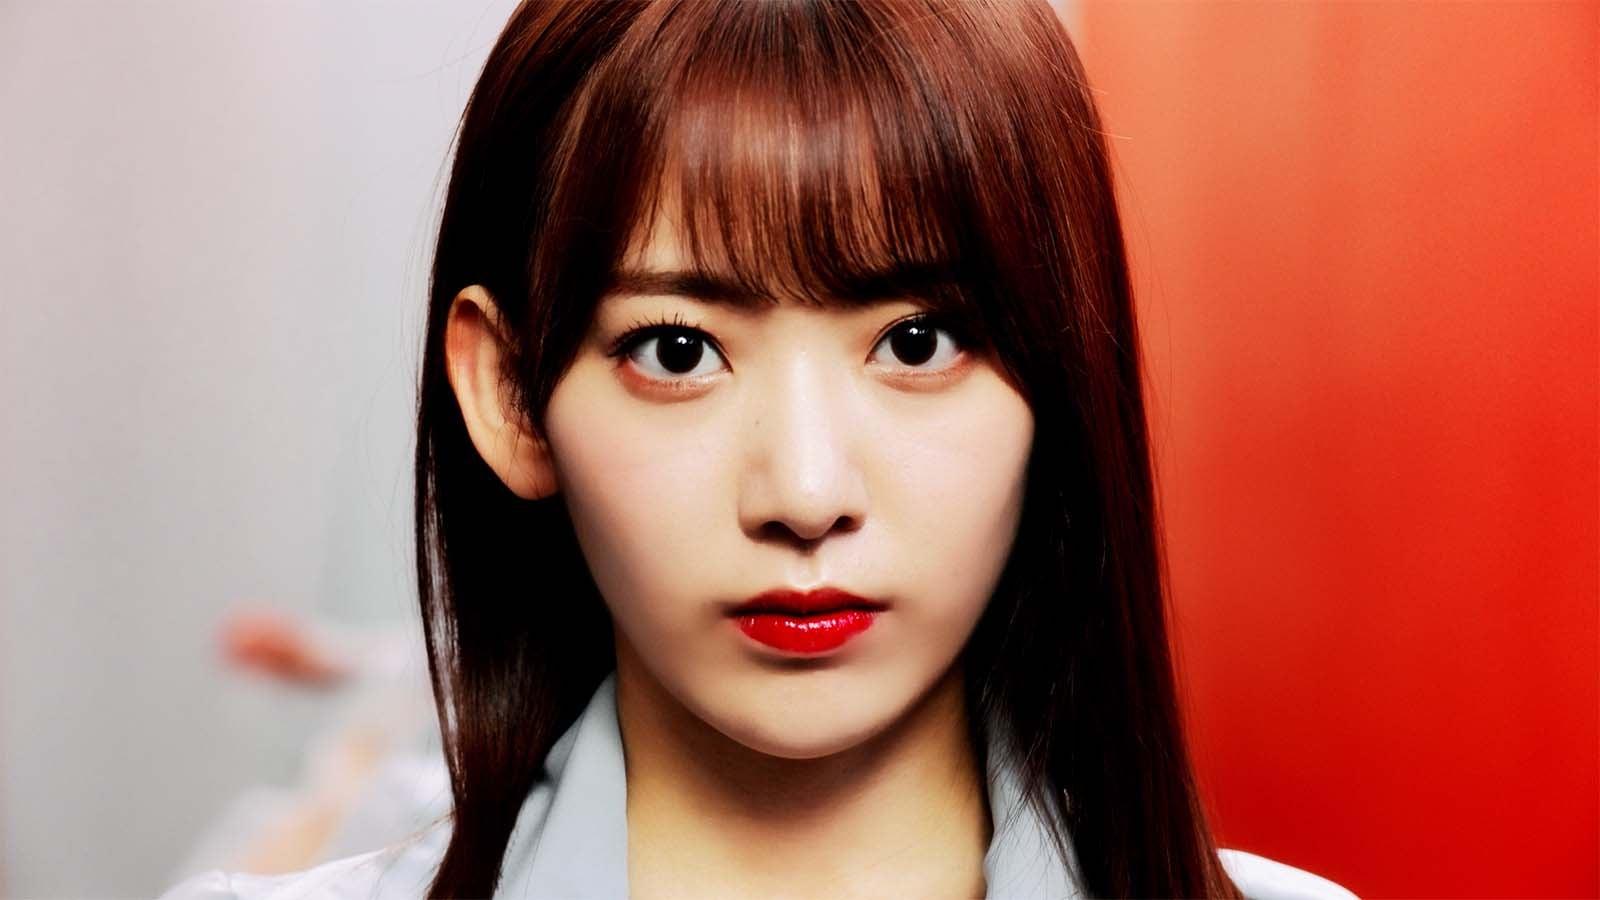 【速報】 AKB48新曲がヤバイ 史上最高難度ダンス『NO WAY MAN』が大反響! Youtube1位! 世界中から絶賛殺到!